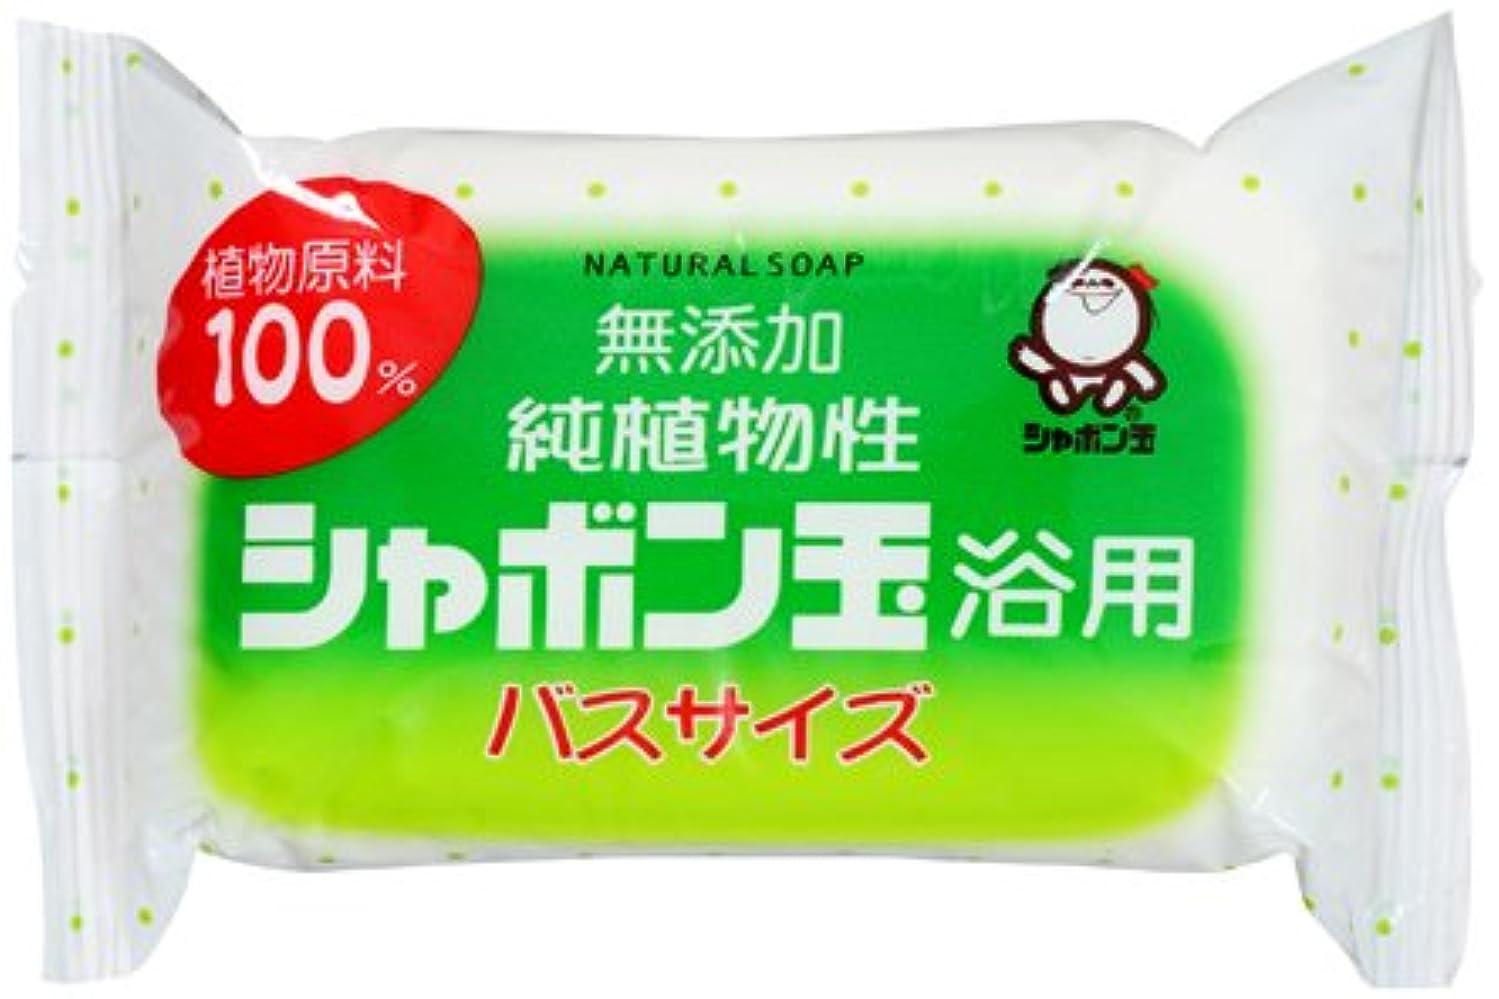 チップ不愉快誰でもシャボン玉石けん シャボン玉 純植物性 浴用 バスサイズ 155g(無添加石鹸)×60点セット (4901797003051)